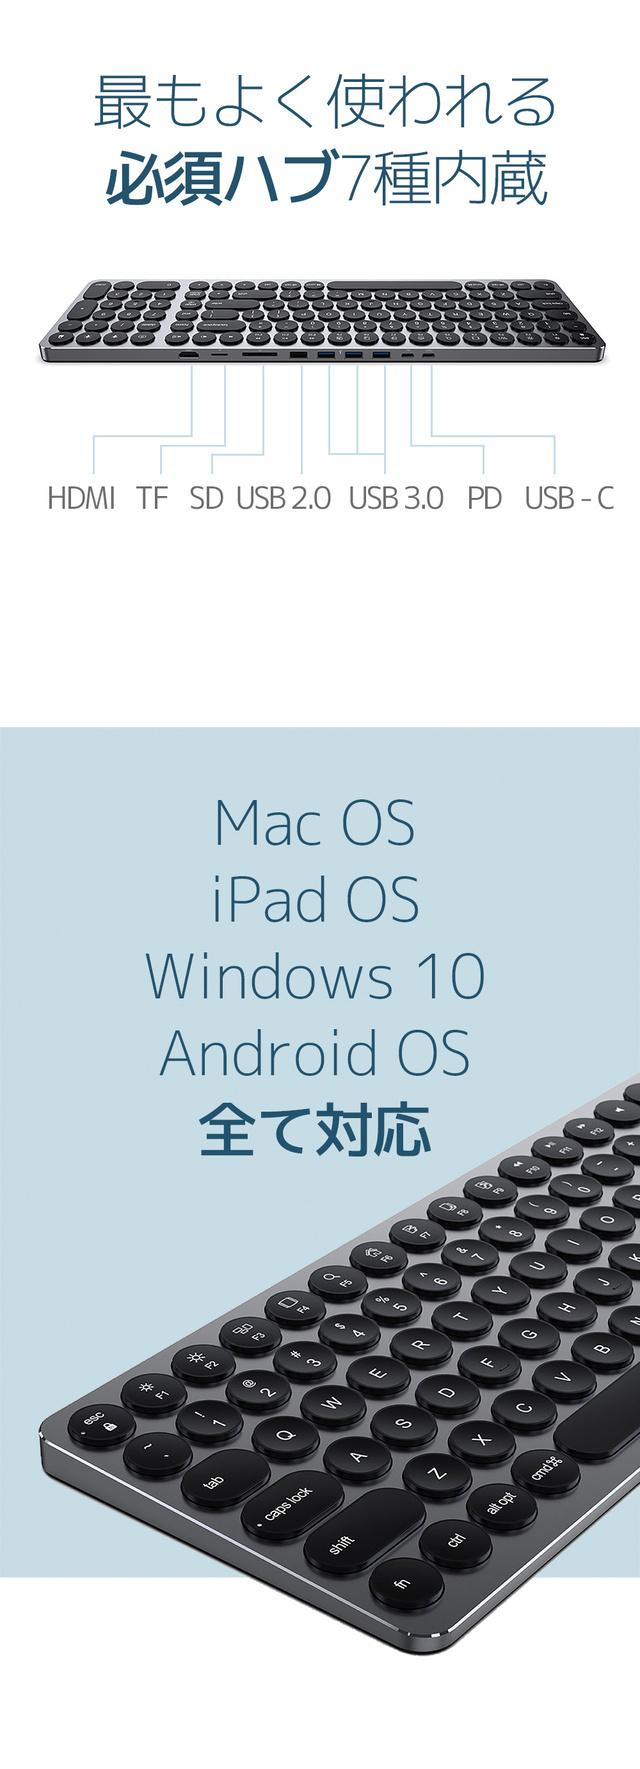 7種類の接続が可能に。さらに対応OSも豊富。